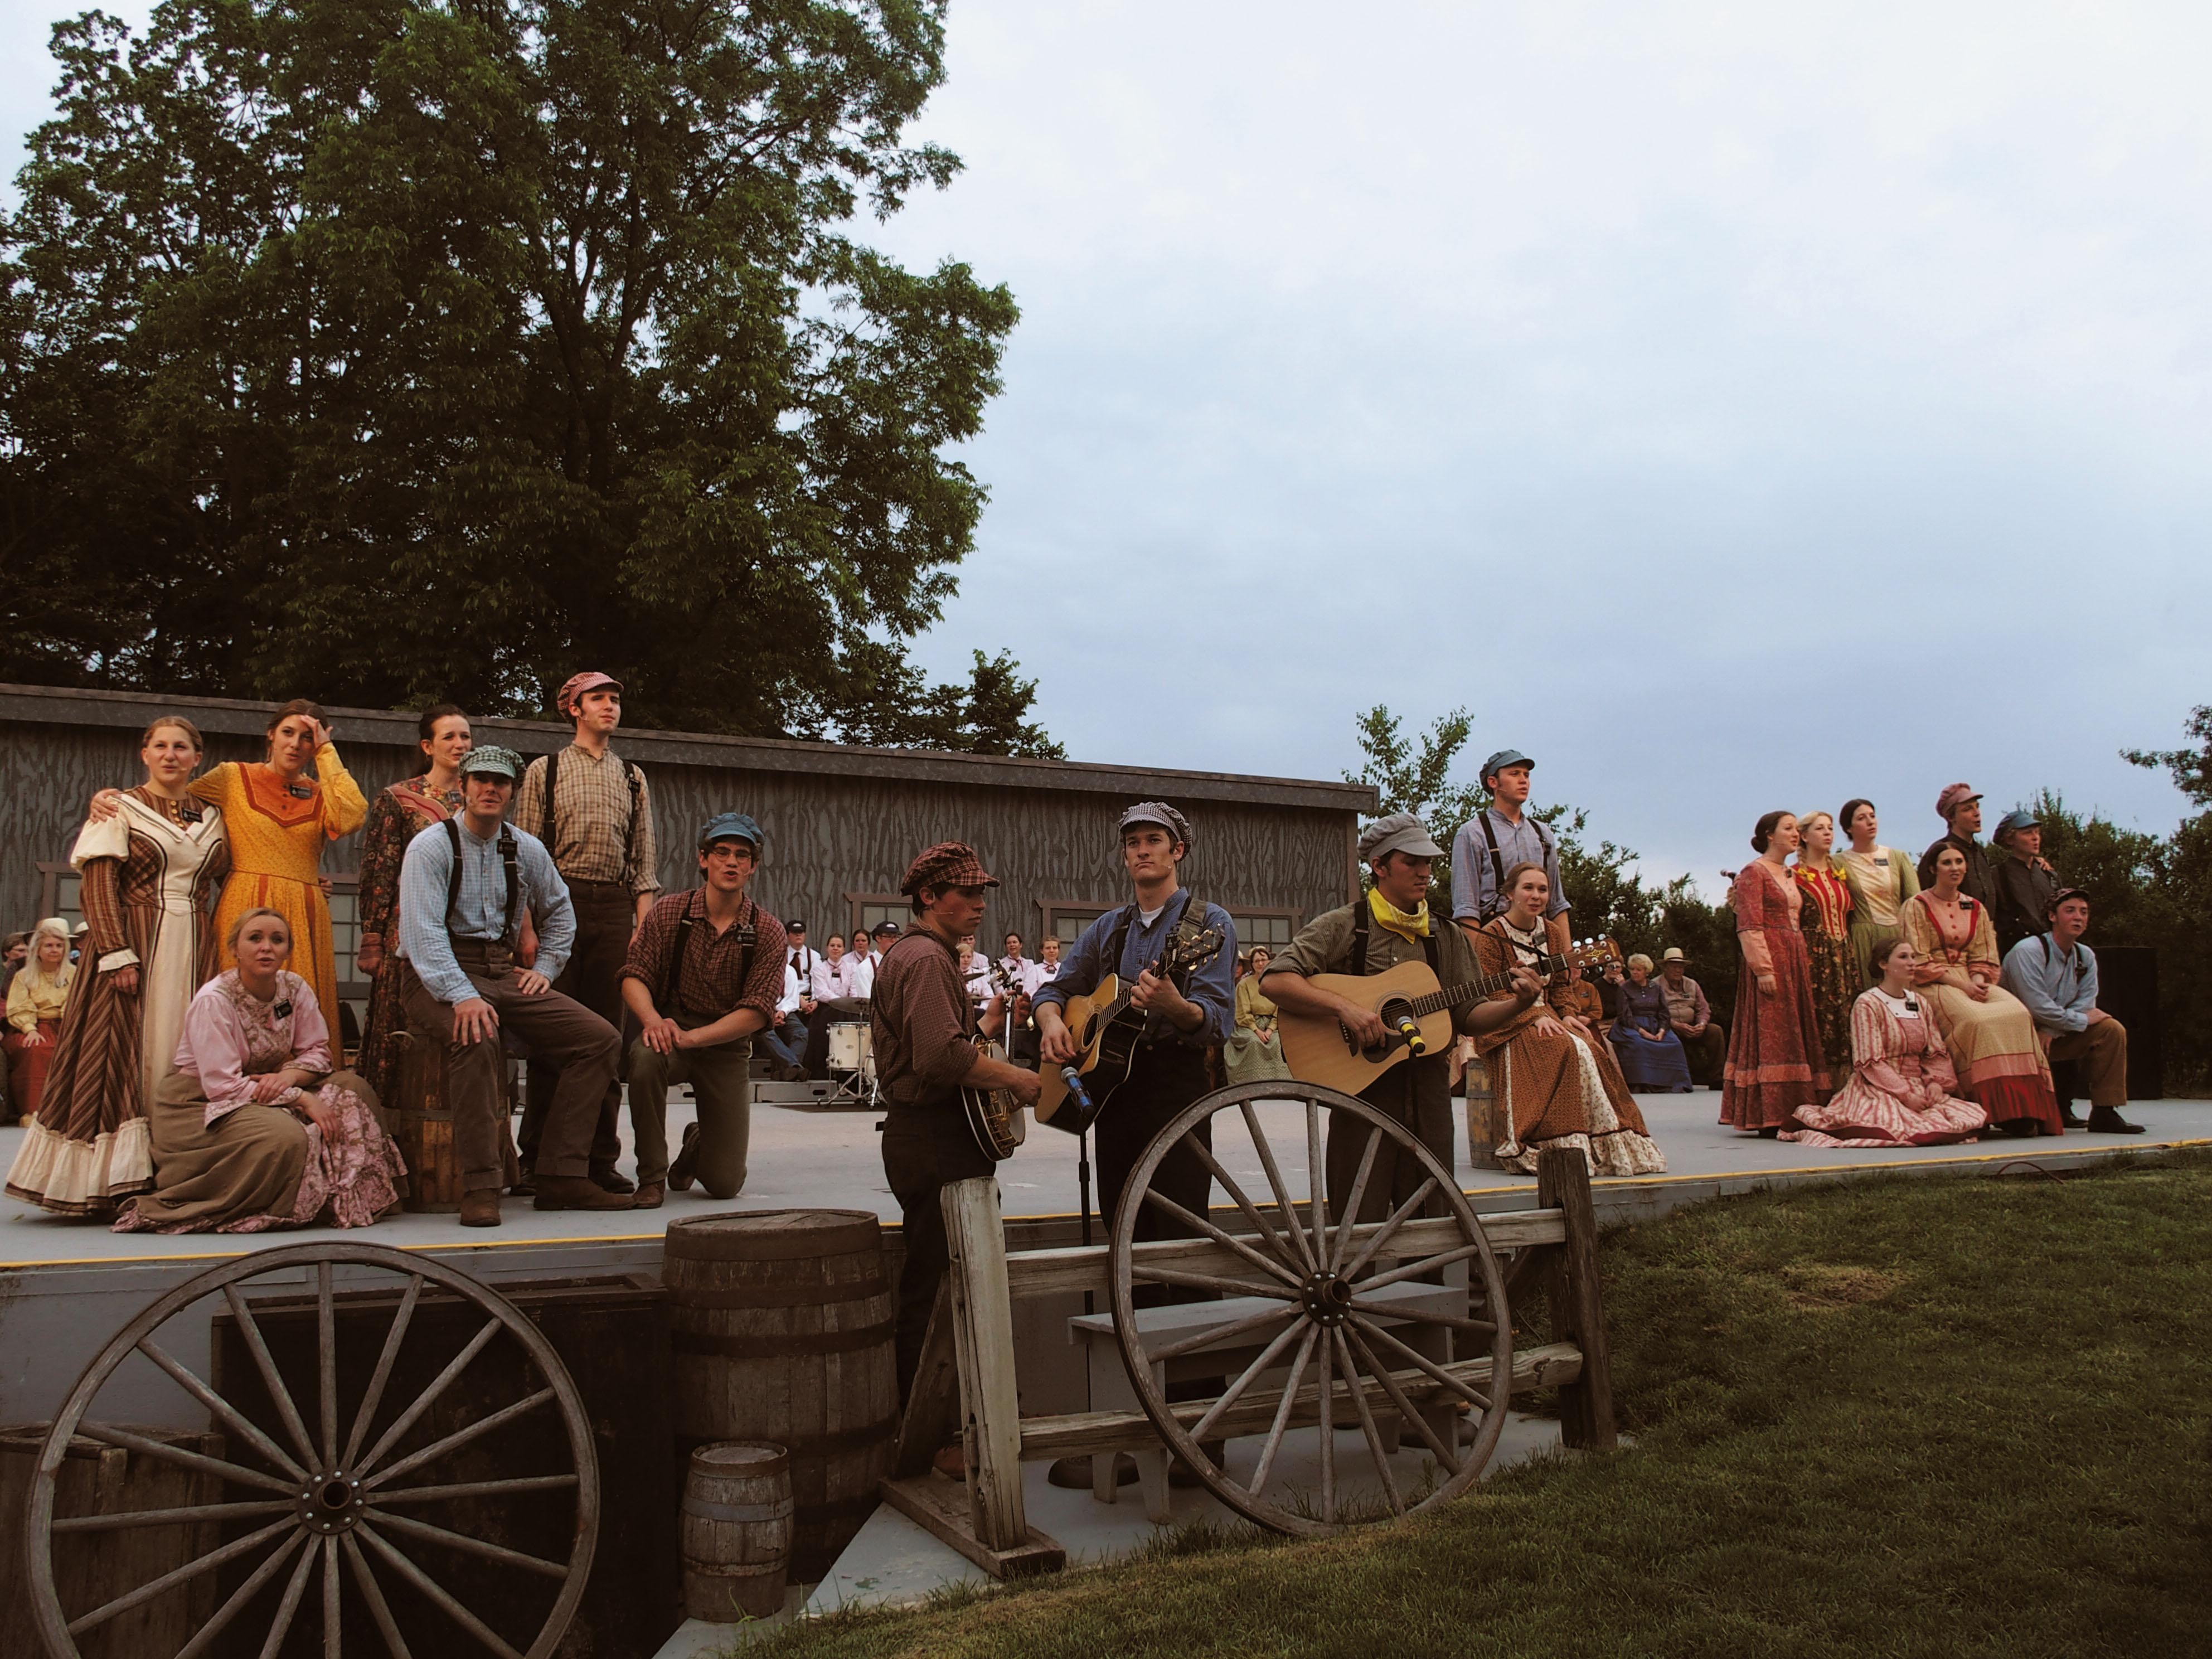 イリノイ州ナヴーで開催された古き良きアメリカをテーマにした演劇。衣装や美術などクラシックムービーの世界に迷い込んだような気分になる。